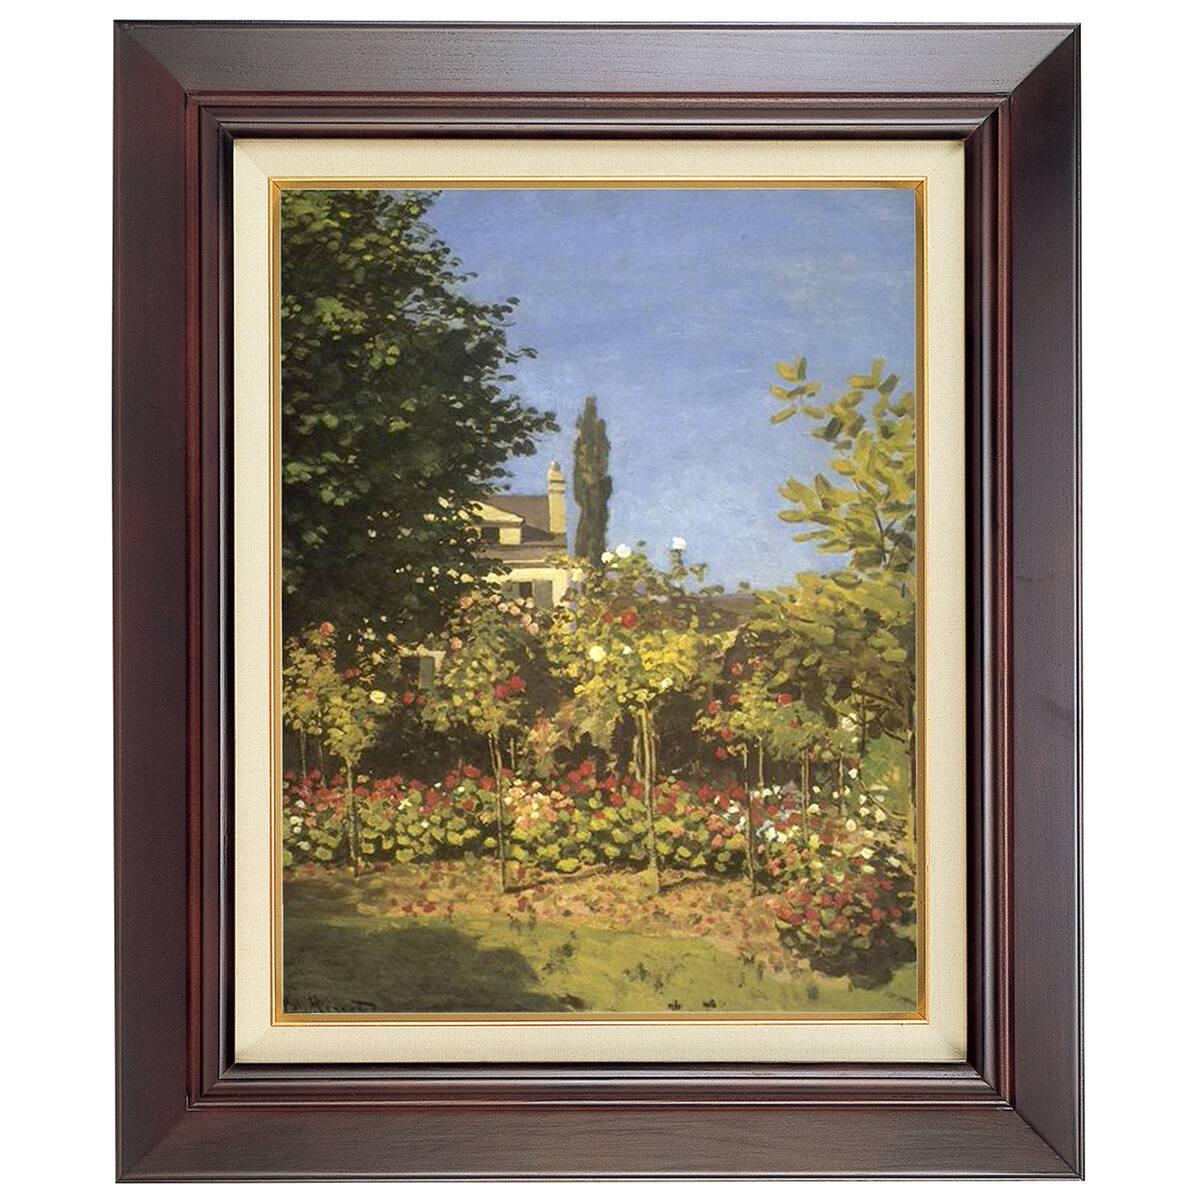 ラーソン・ジュール 油絵用額縁 A140 F8 セピア